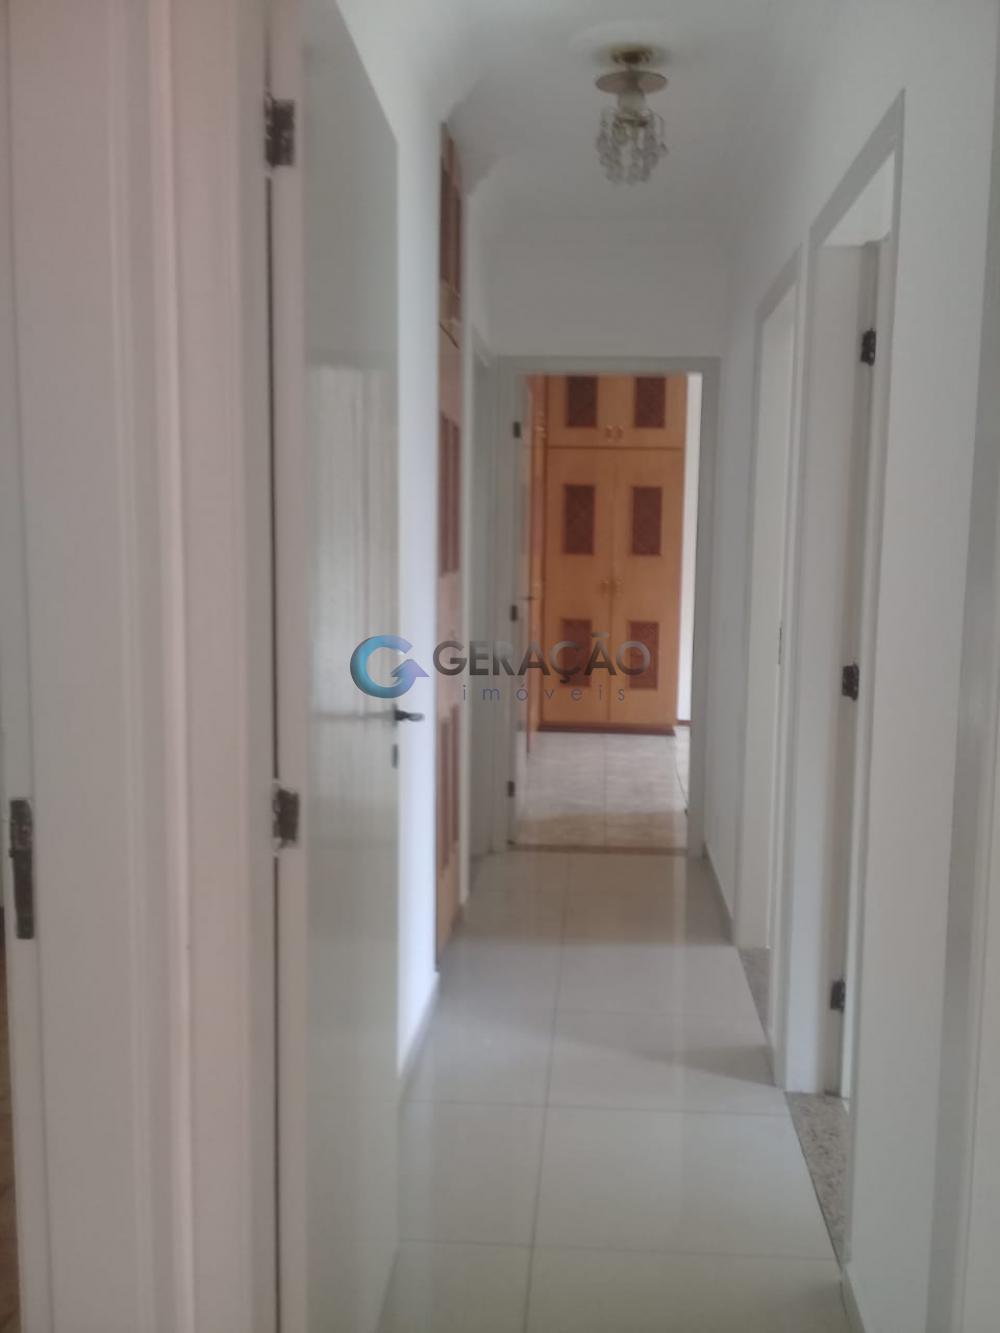 Alugar Apartamento / Padrão em São José dos Campos apenas R$ 1.750,00 - Foto 12